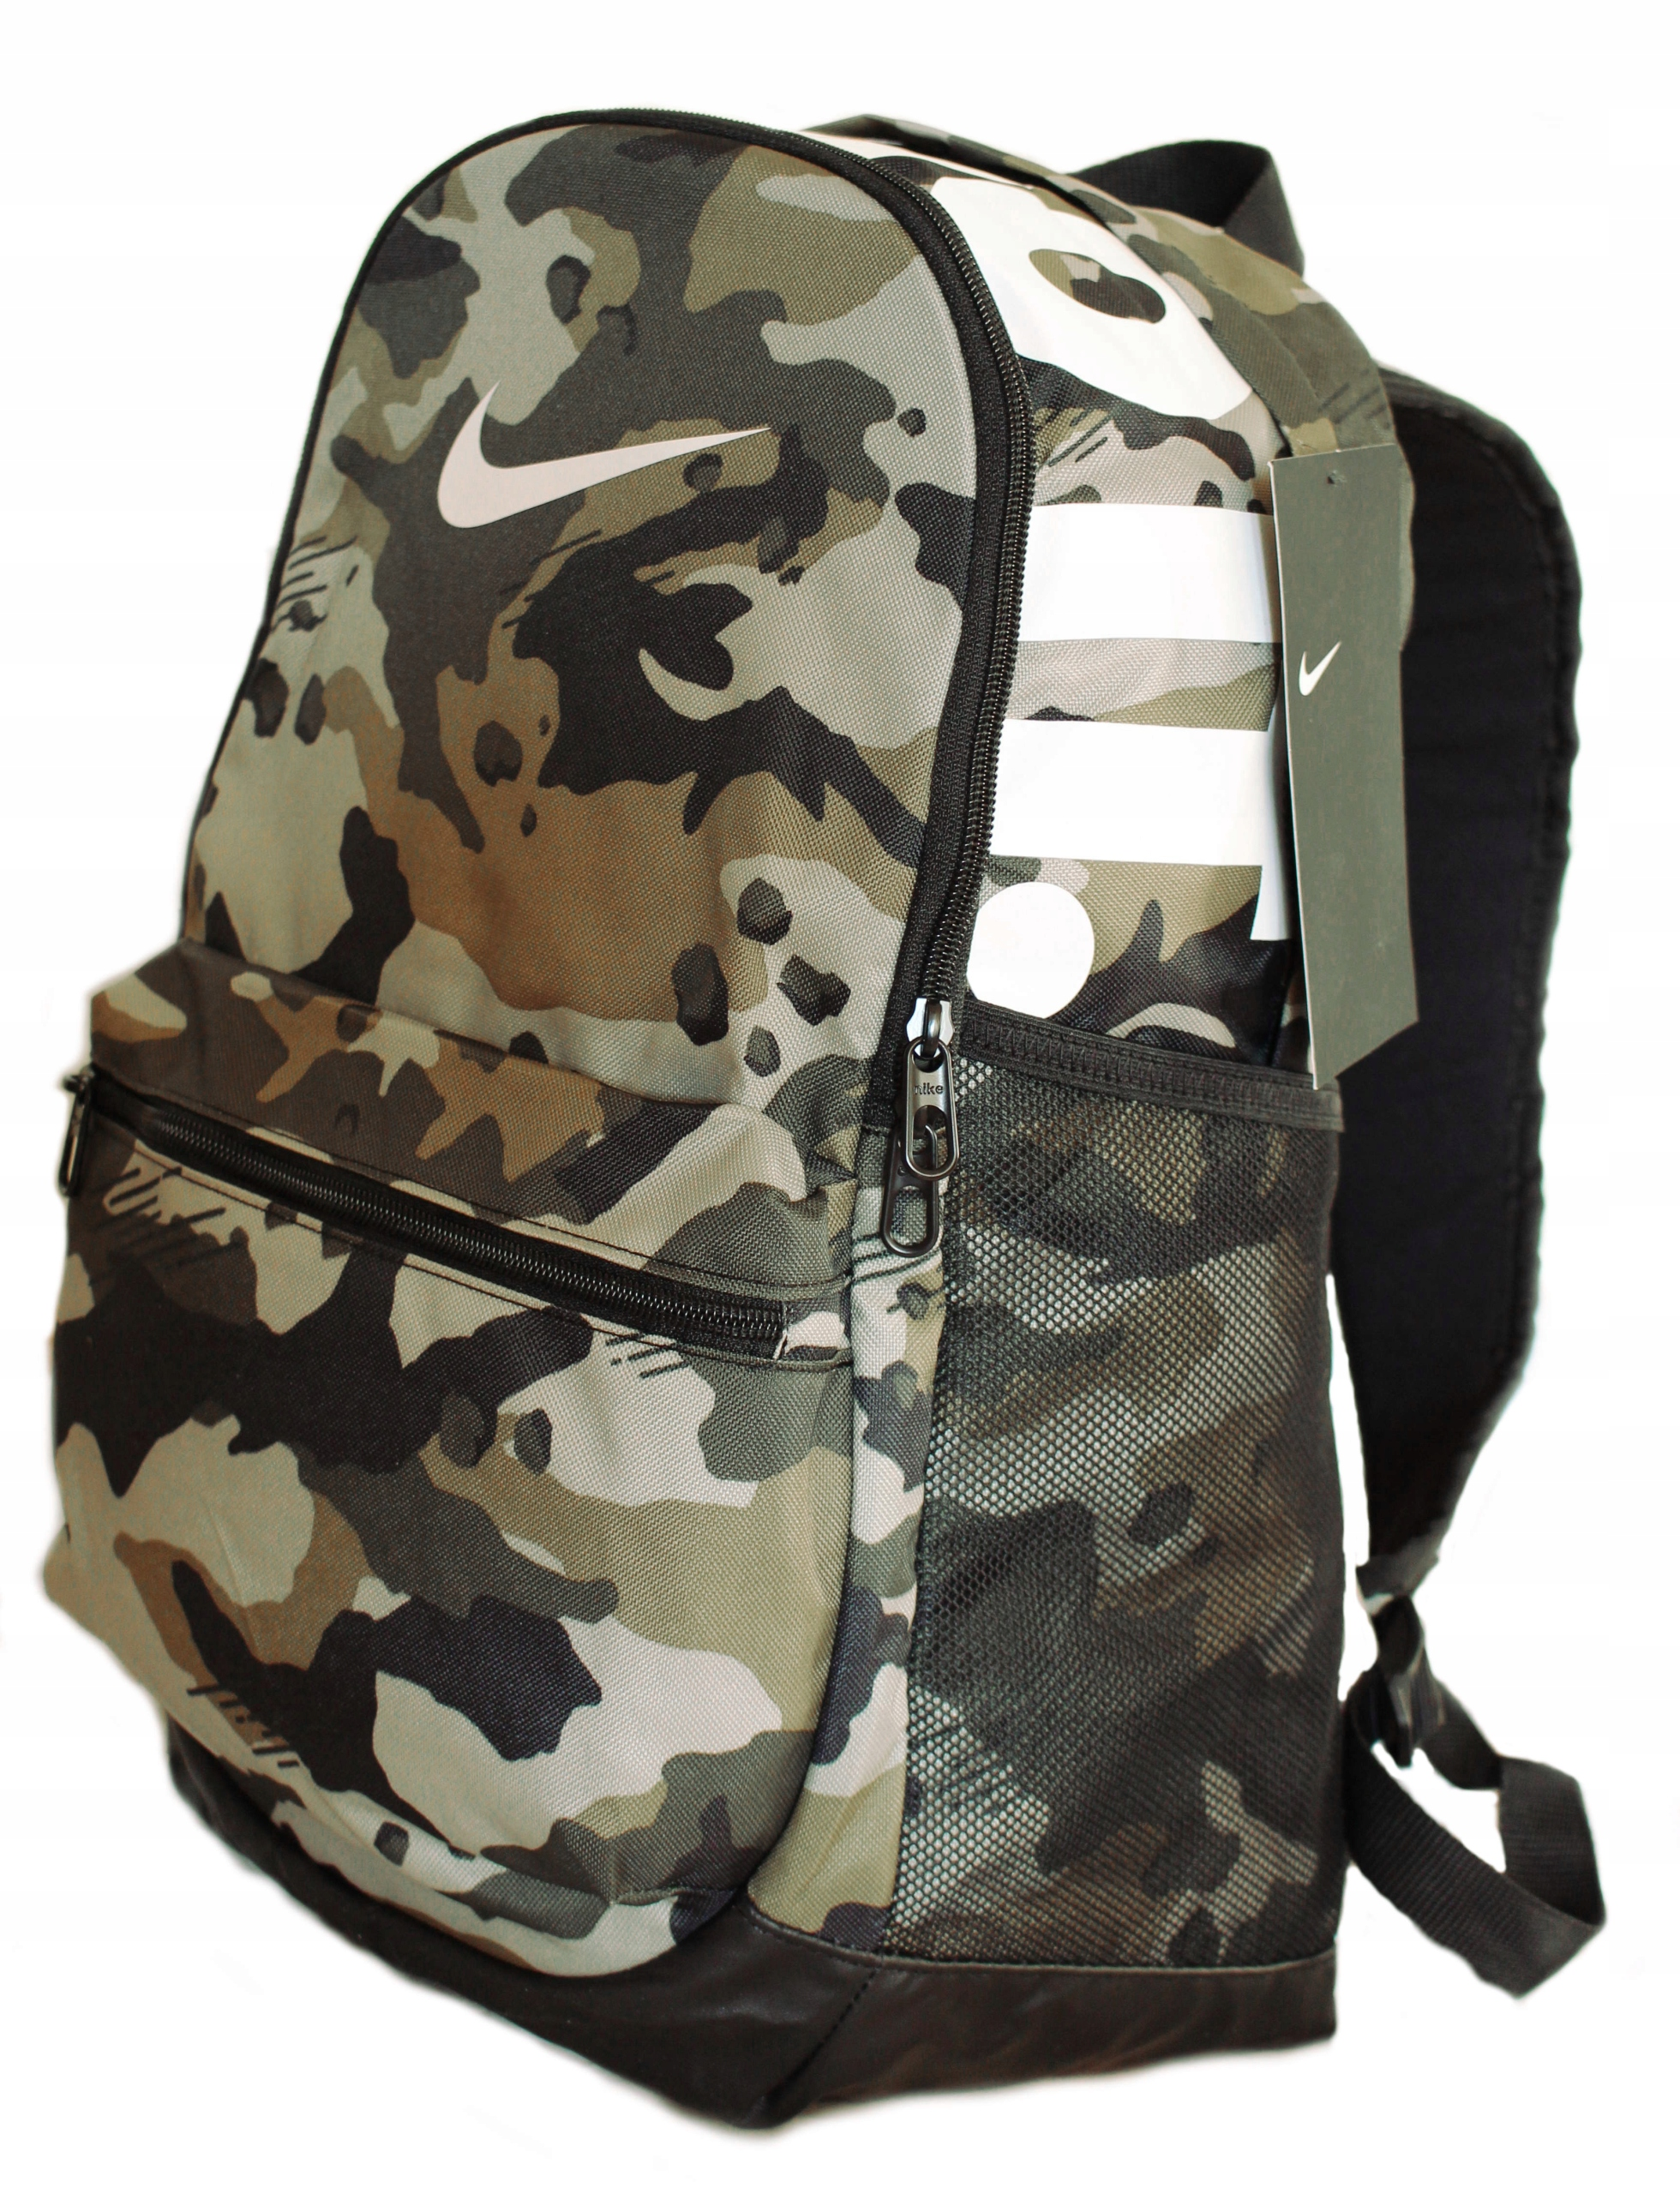 c599df4ffdd9b Plecak NIKE szkolny 3-KOMOROWY wojskowy MORO 24L - 7751692522 ...